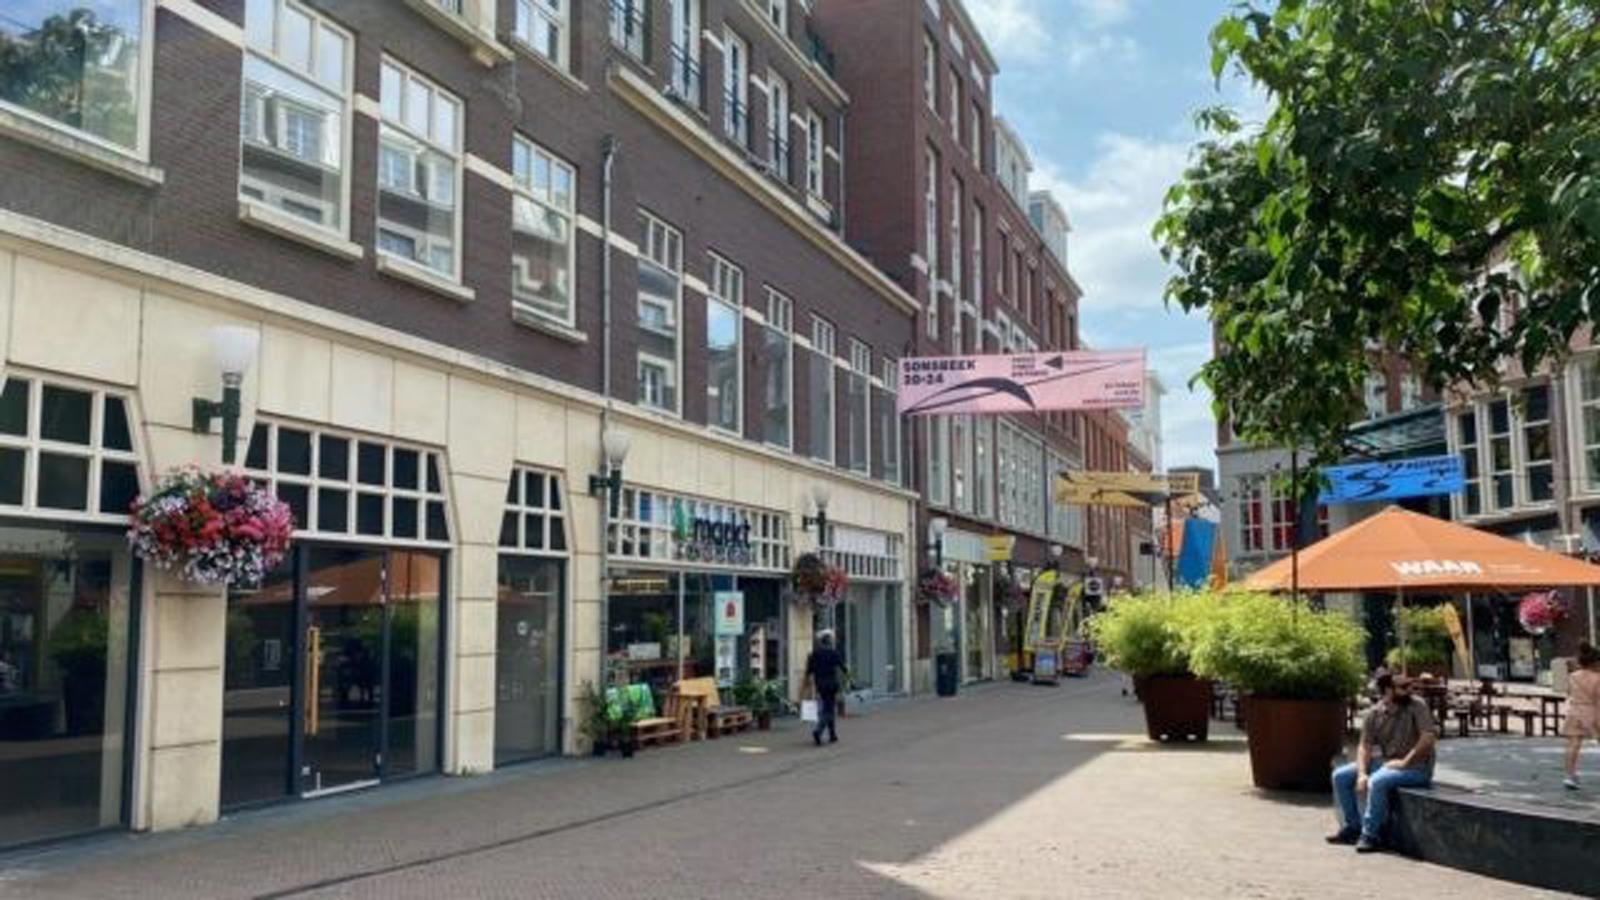 Action, Musiskwartier Arnhem